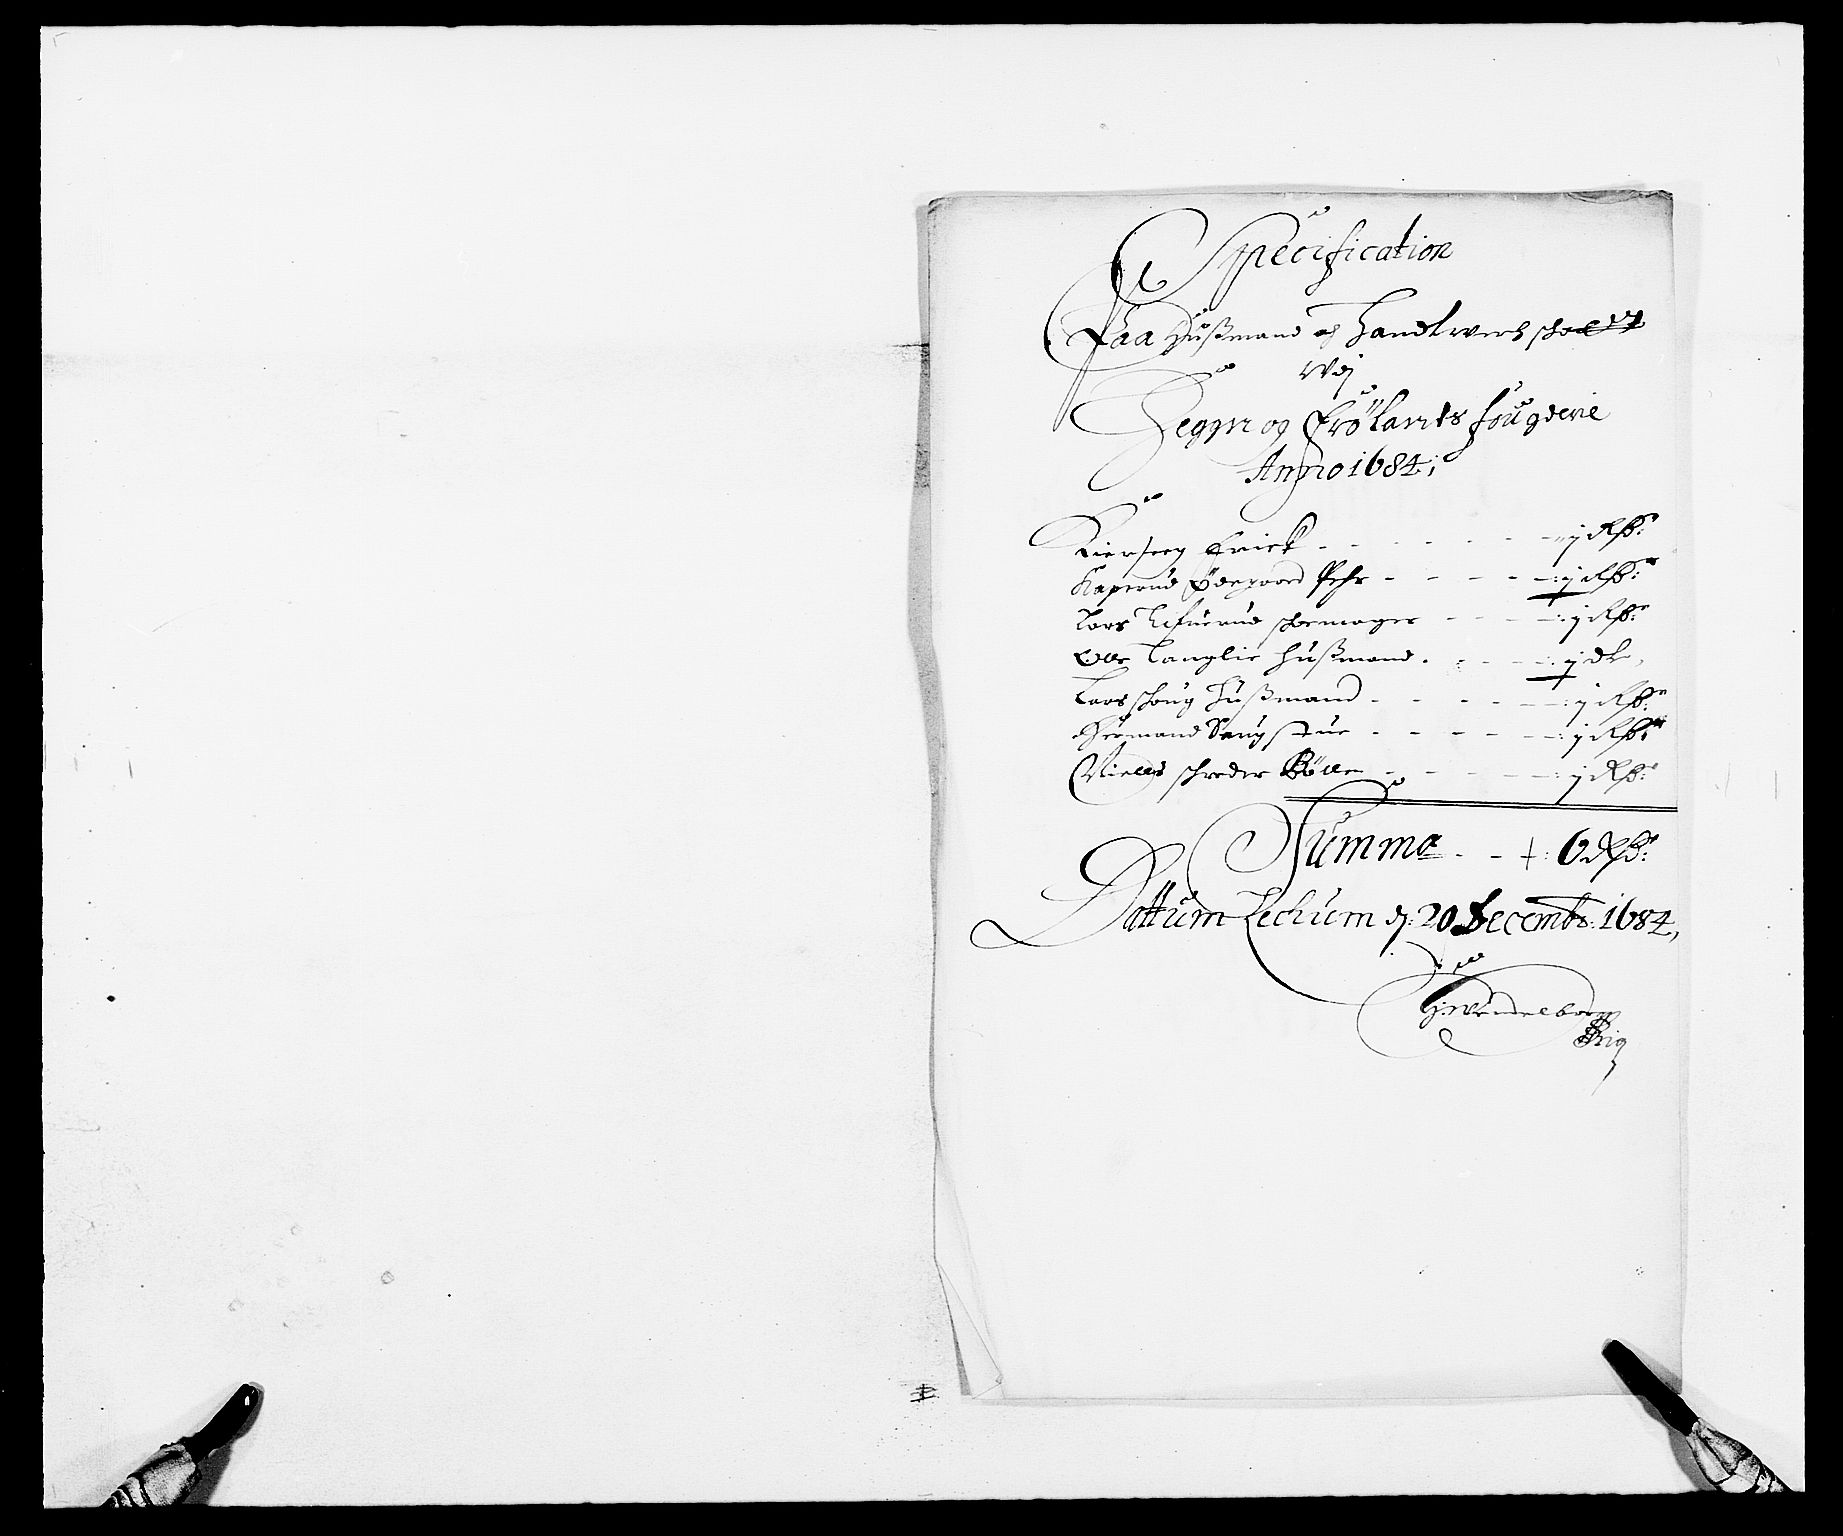 RA, Rentekammeret inntil 1814, Reviderte regnskaper, Fogderegnskap, R06/L0280: Fogderegnskap Heggen og Frøland, 1681-1684, s. 469